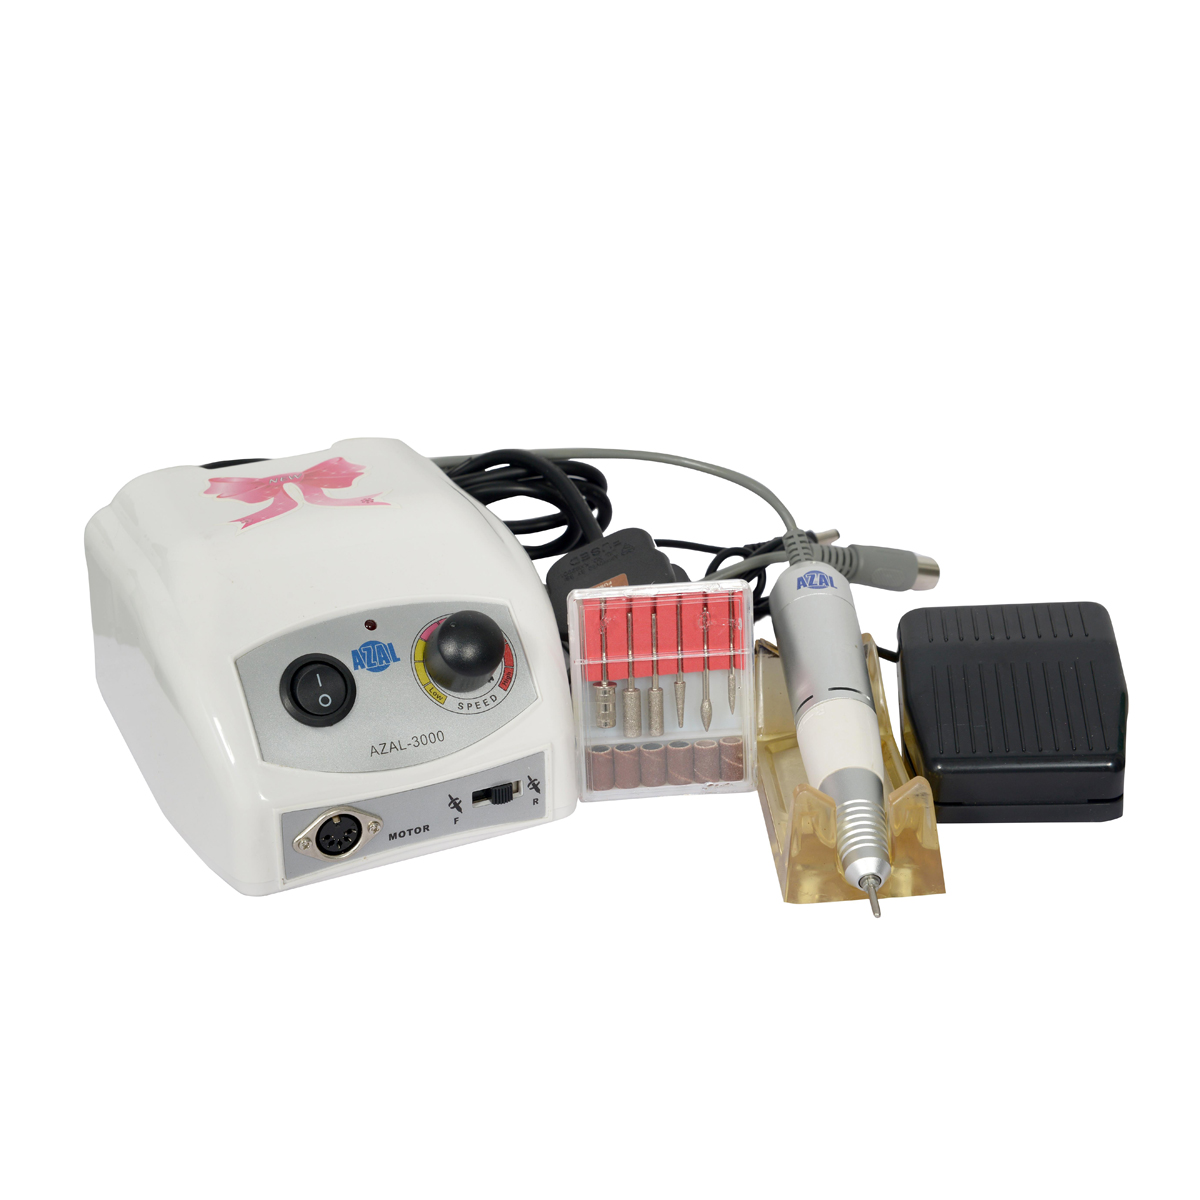 جهاز كهربائي للعناية بالاضافر مانيكير و باديكير ,ازال